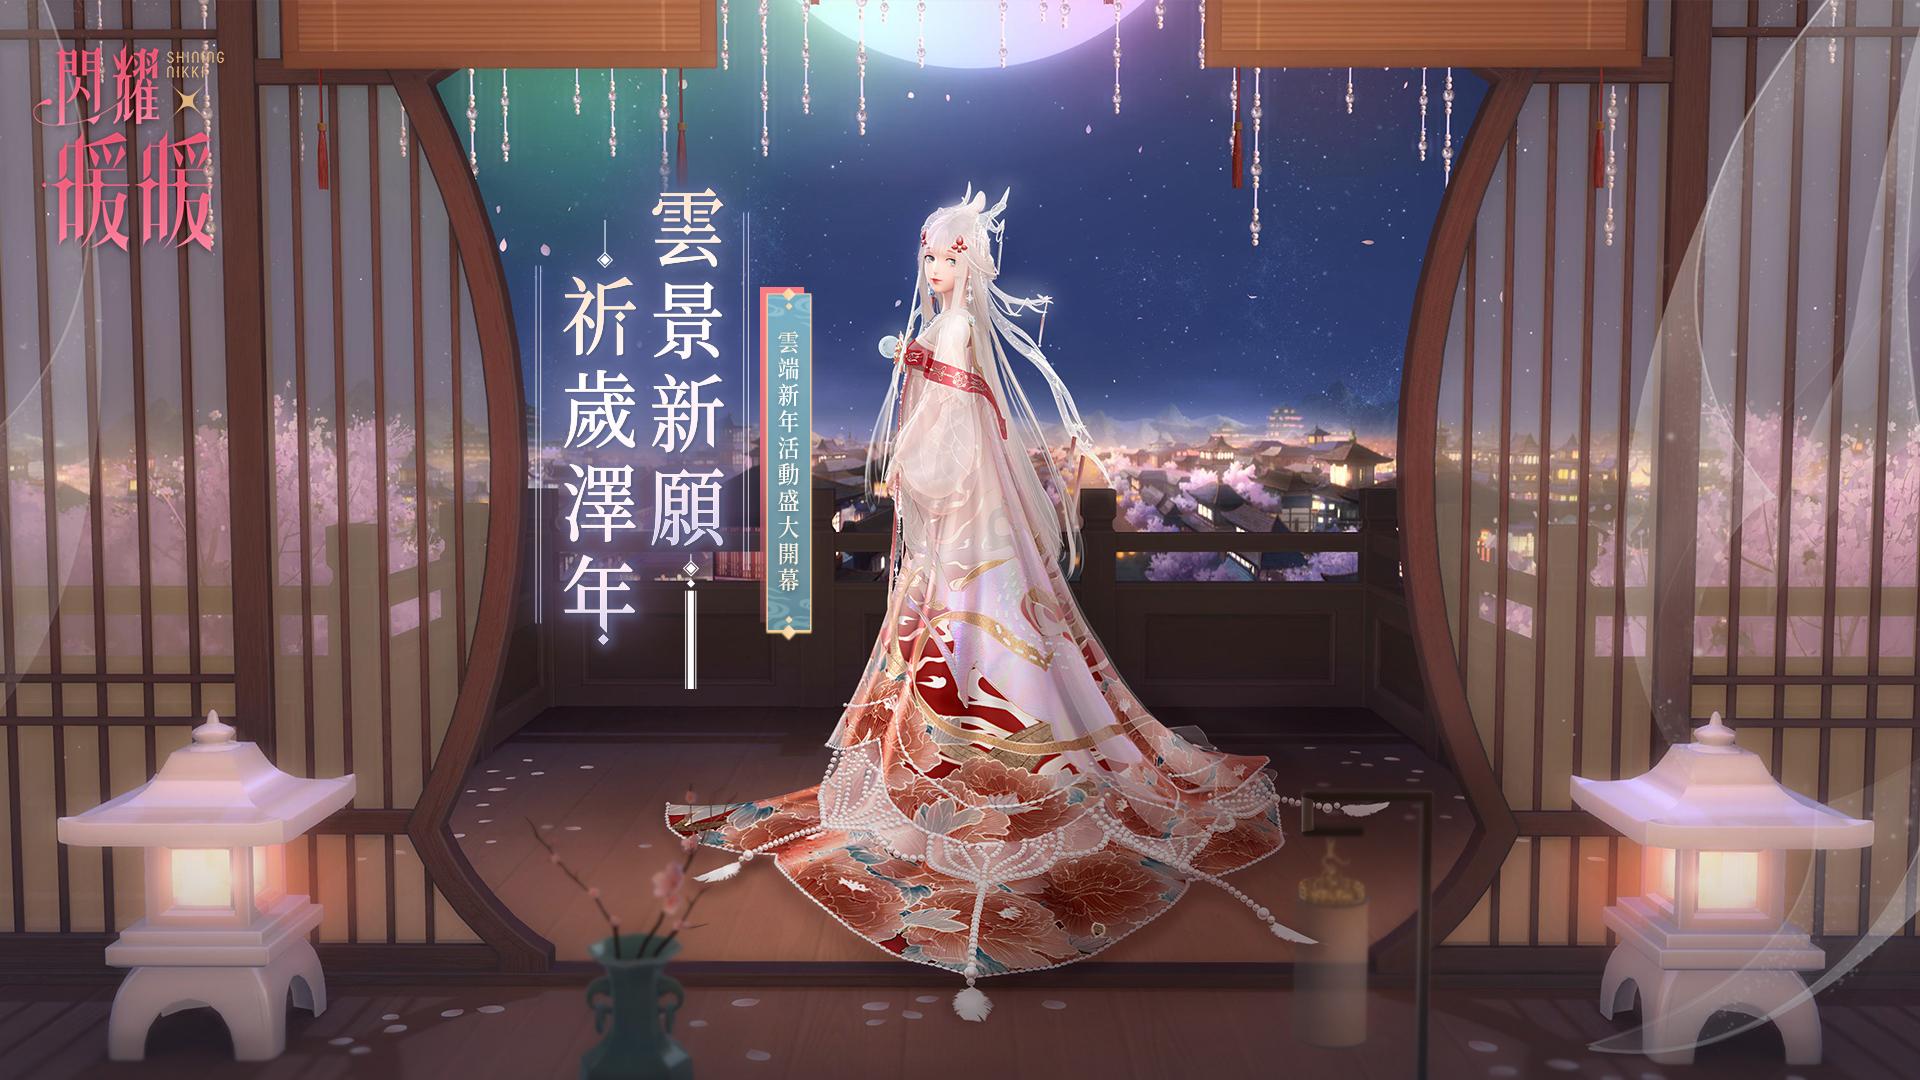 《閃耀暖暖》開啟新年主題活動「雲景新願」 設計師「鹿明」與全新閃耀套裝驚艷上線